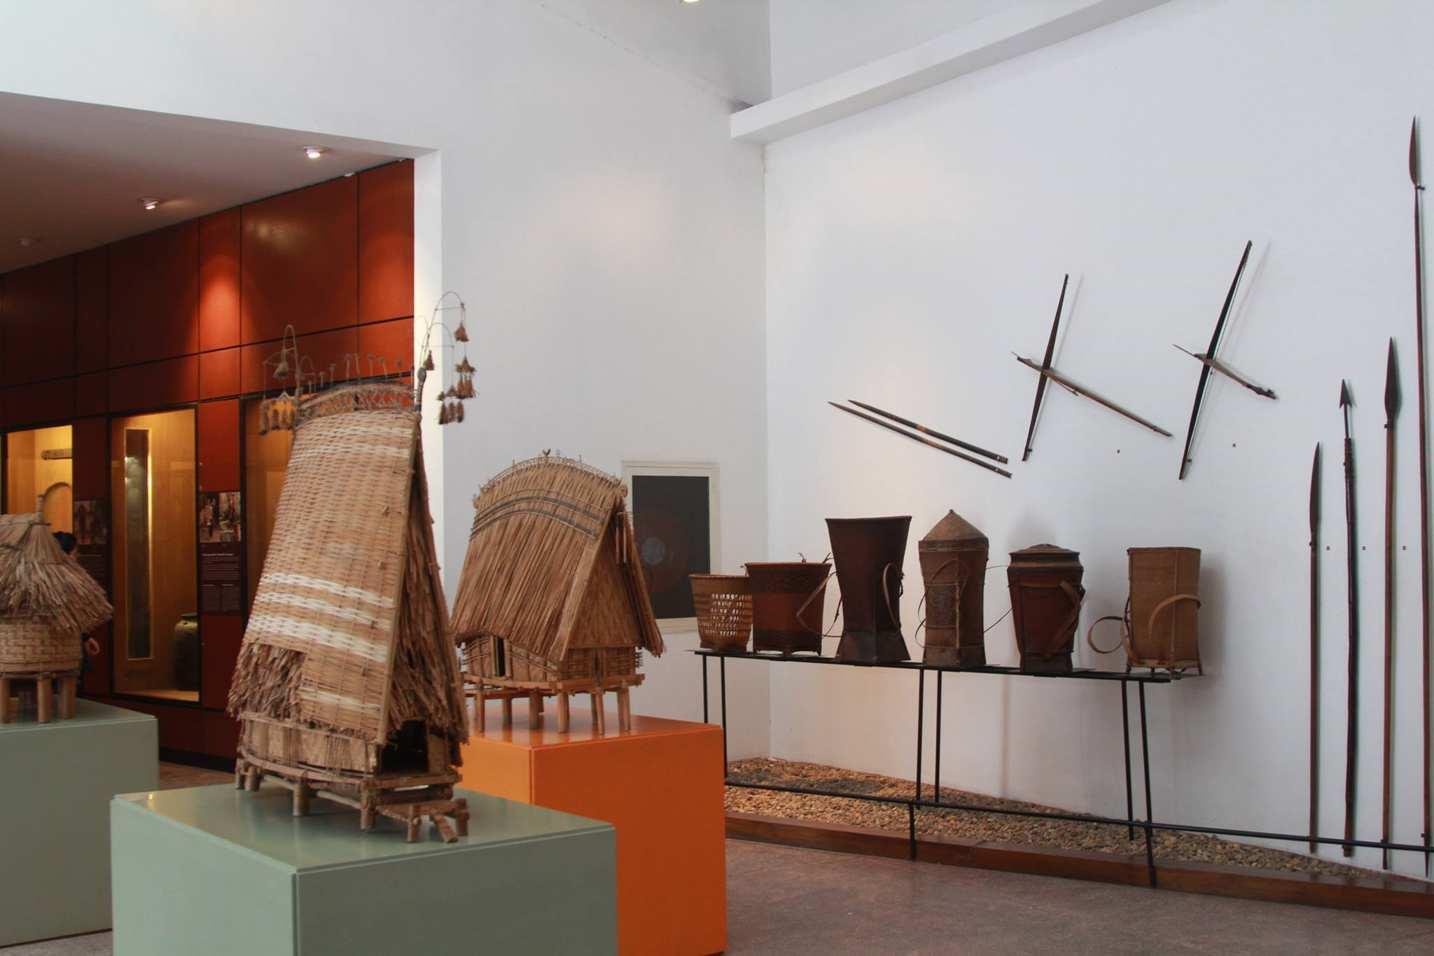 museum of ethnology indoor exhibits